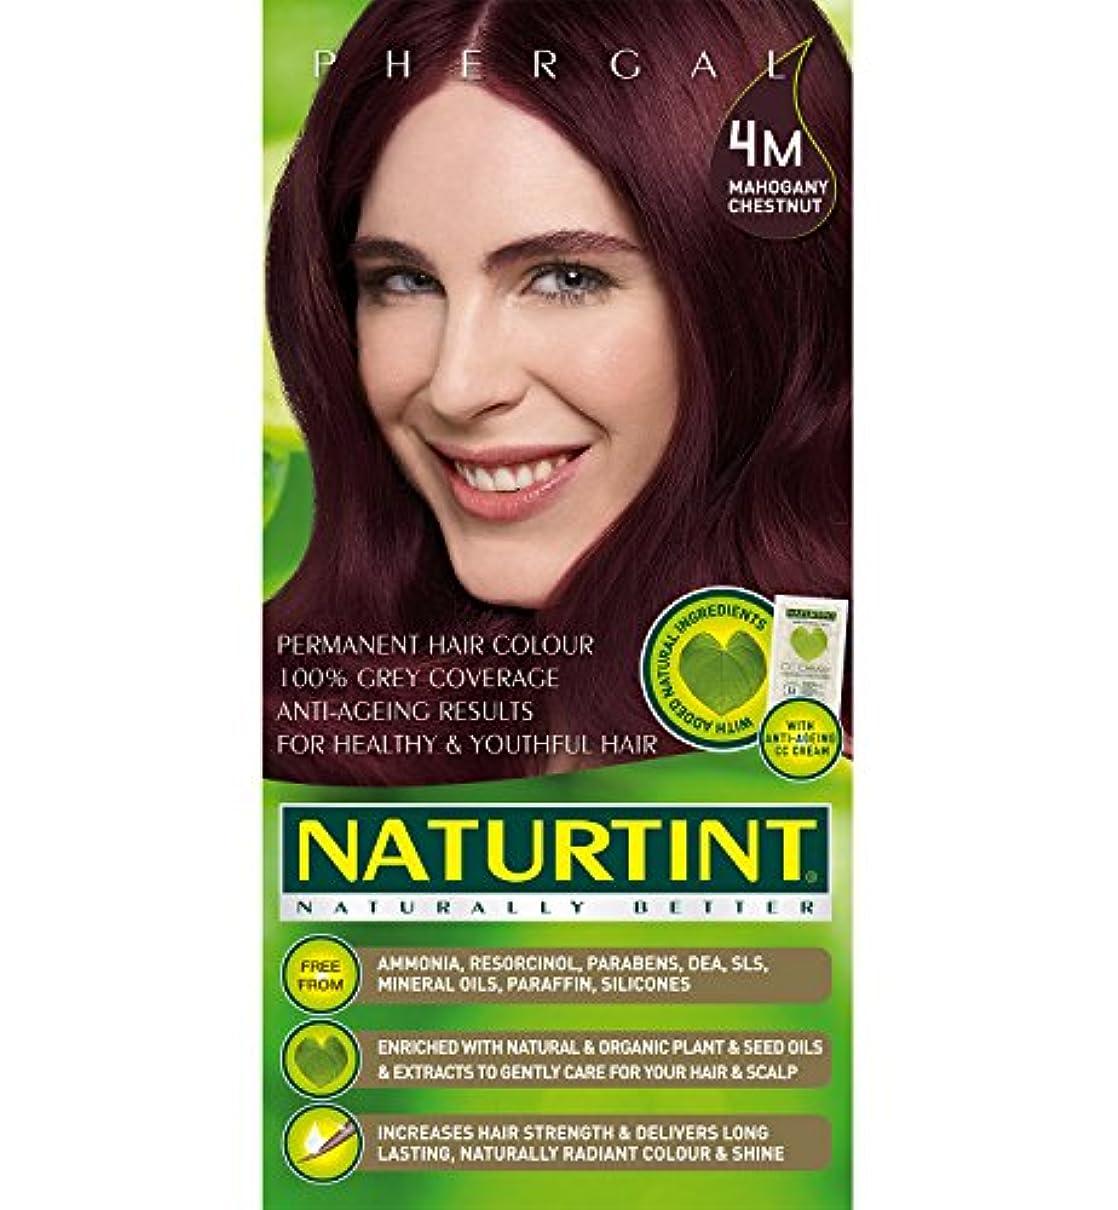 厚さ裂け目ハムNaturtint Hair Color 4M Mahogany Chestnut Count (並行輸入品)